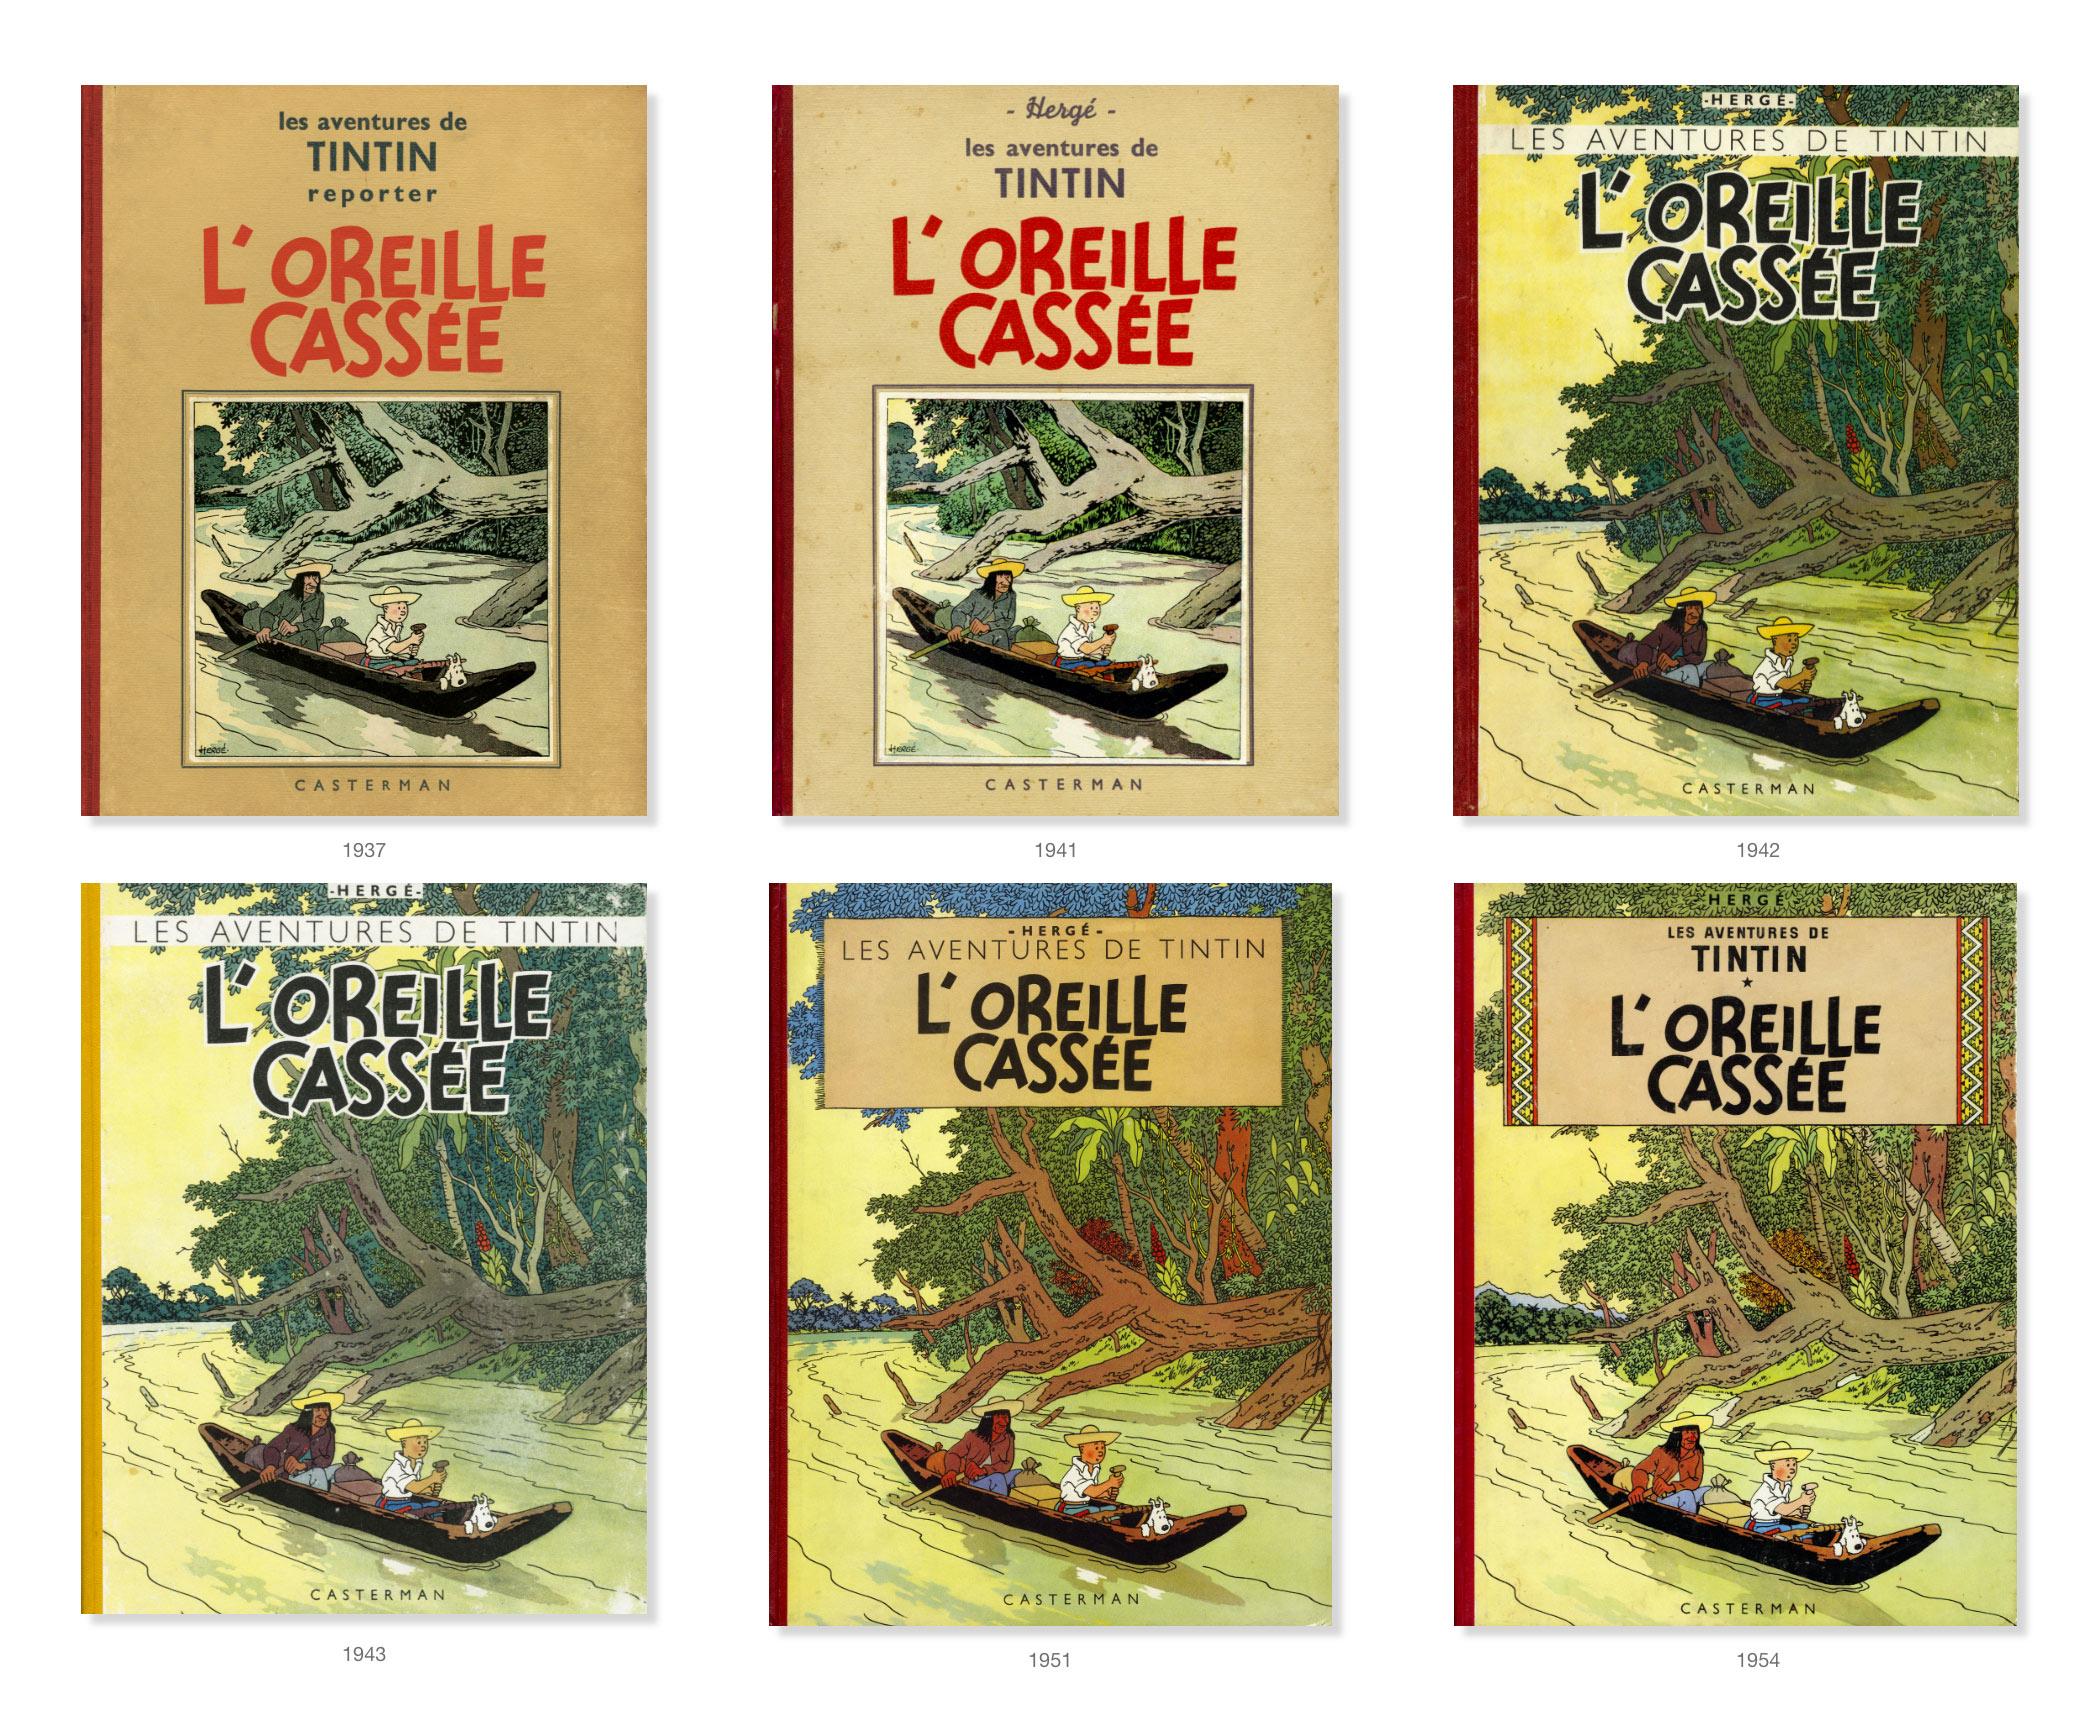 Couvertures de Tintin L'oreille cassé de 1937 à 1954